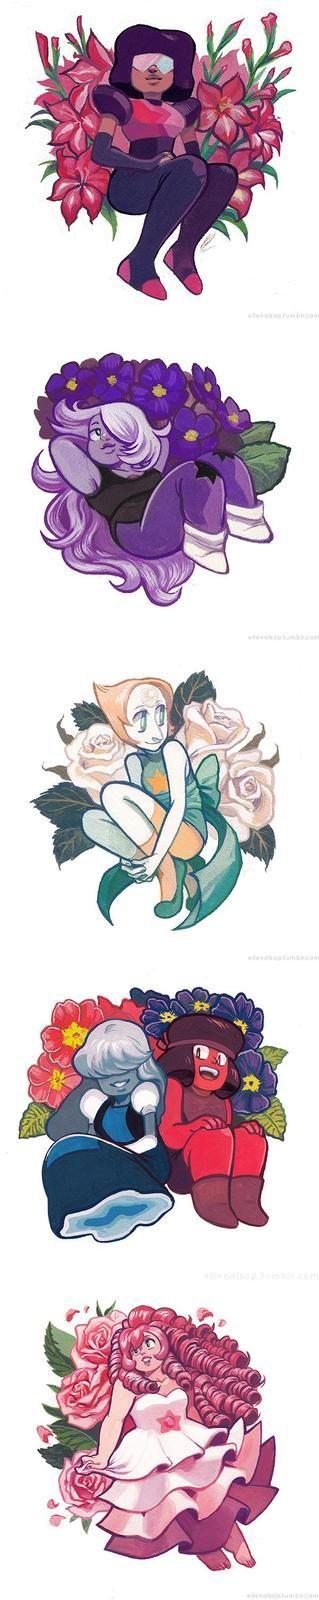 In Bloom - Crystal Gems